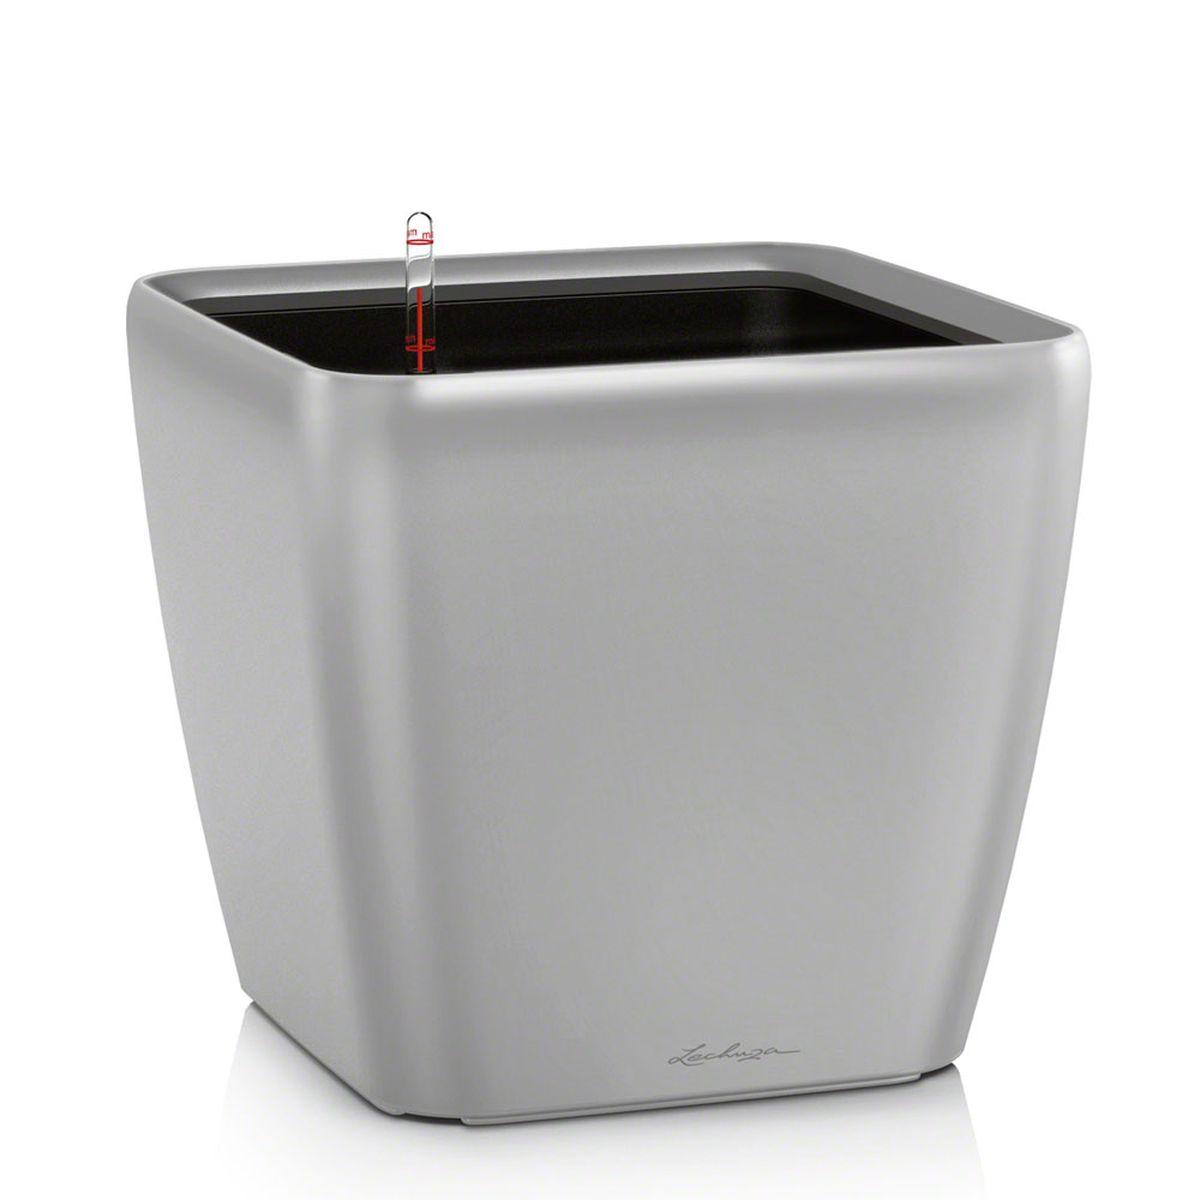 Кашпо с автополивом Lechuza Quadro 50х47 см, серебро LS16288Элегантная ручка цвета самого кашпо украшает все наборы Все-в-одном кашпо серии QUADRO. Она не только красиво смотрится, но и обеспечивает возможность легкой замены растений. Особые преимущества: - Запатентованный внутренний горшок - Ручка цвета горшка не только практична, но еще и дополнительно подчеркивает изящный дизайн кашпо - В качестве опции: Подставка на роликах для QUADRO 43 и 50